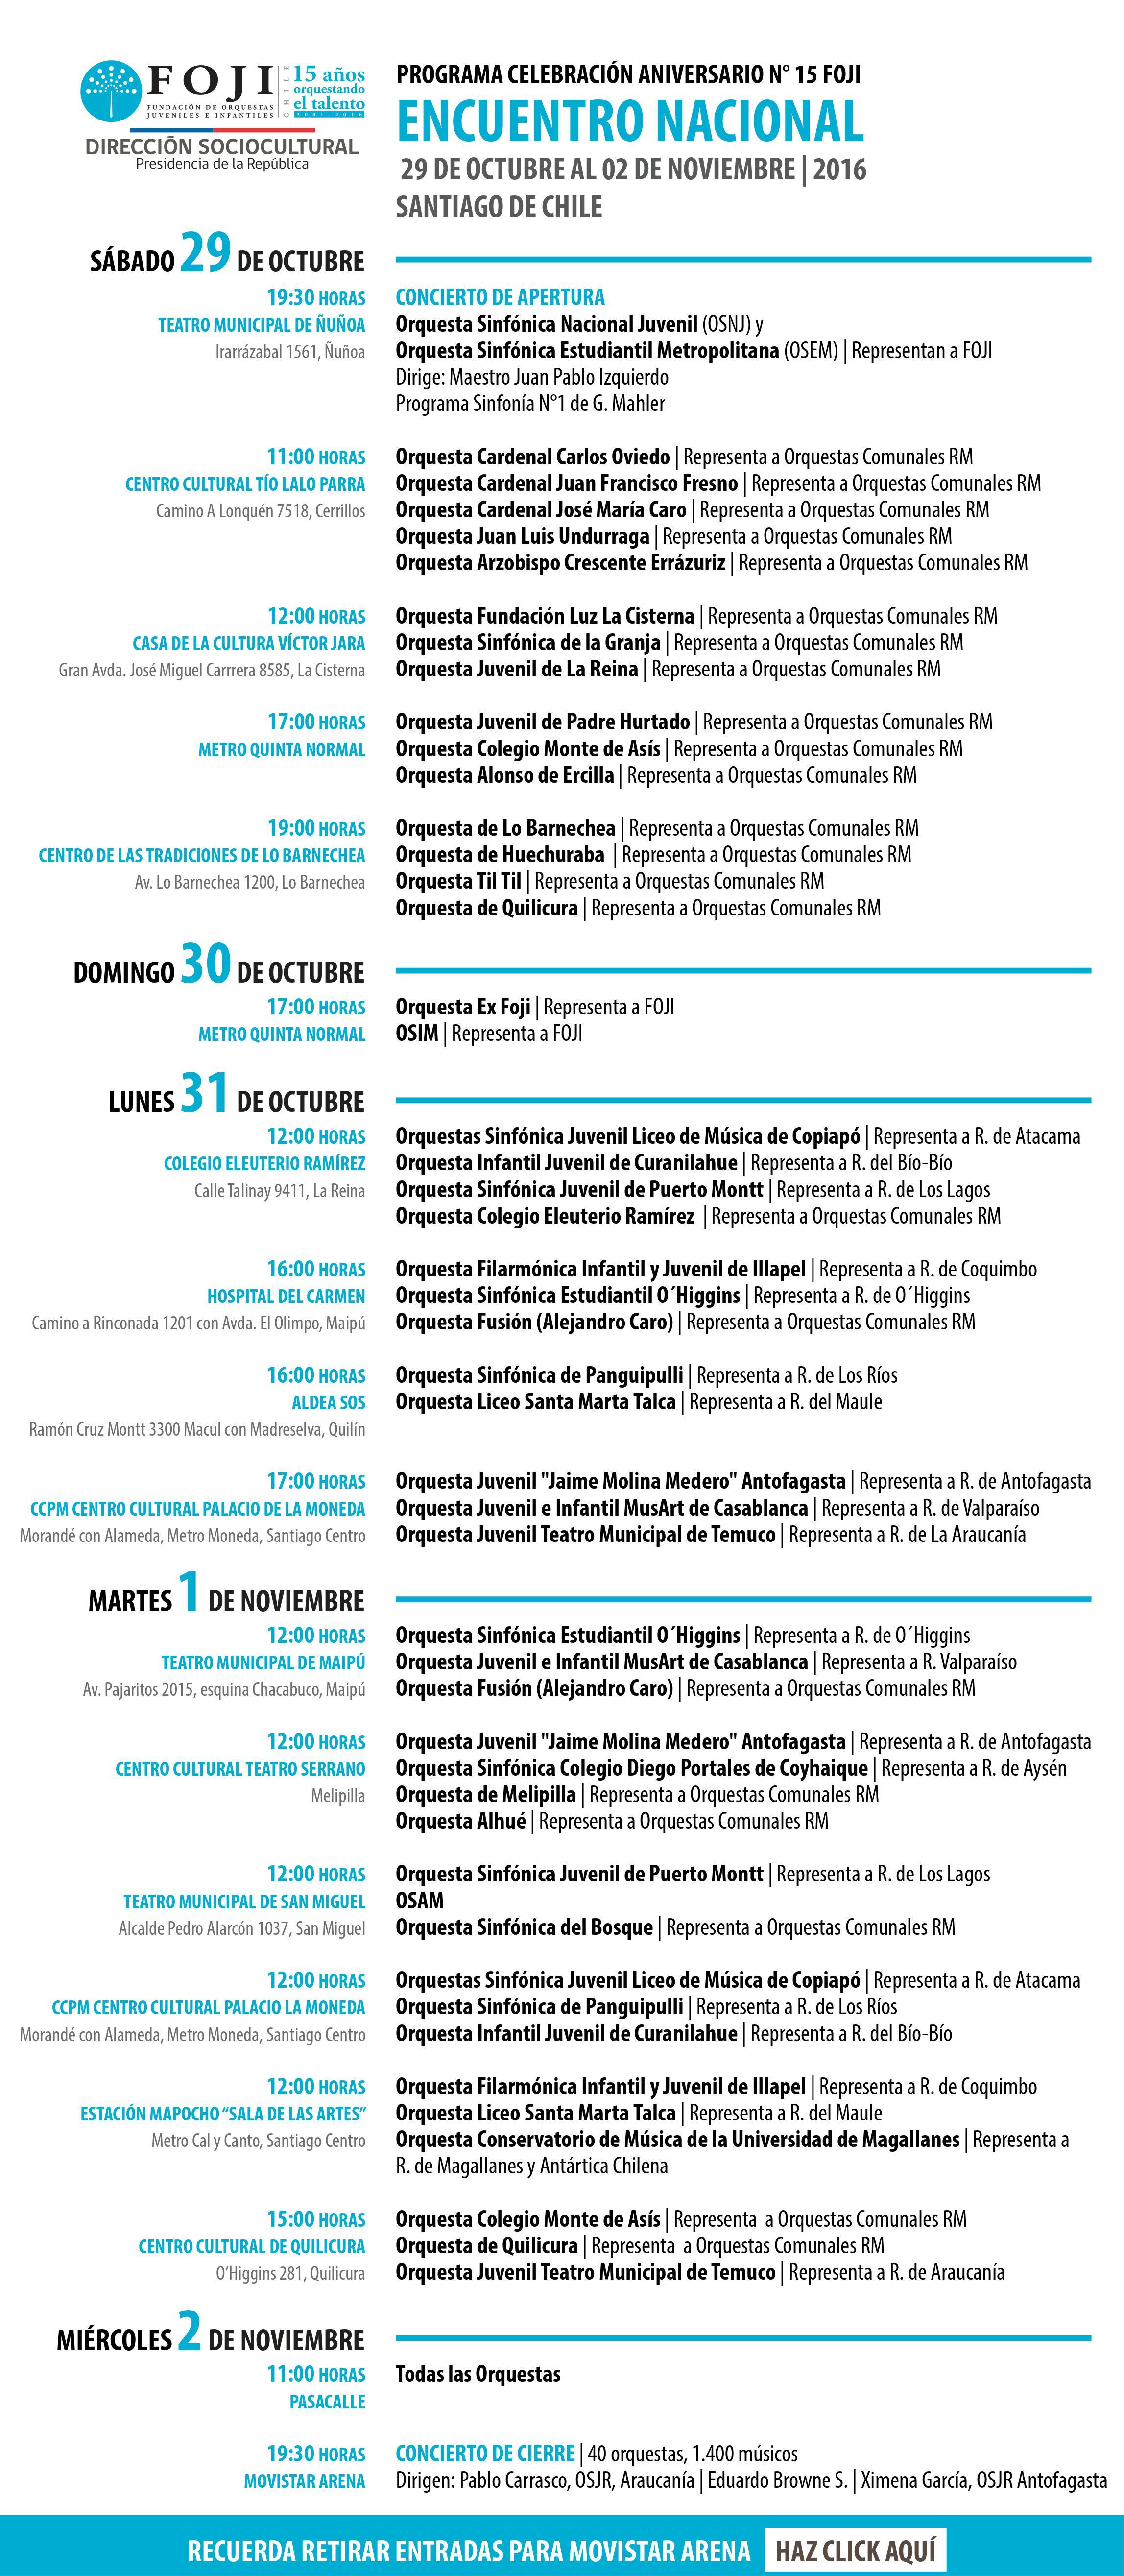 13° Encuentro Nacional de la Fundación de Orquestas Juveniles e Infantiles de Chile